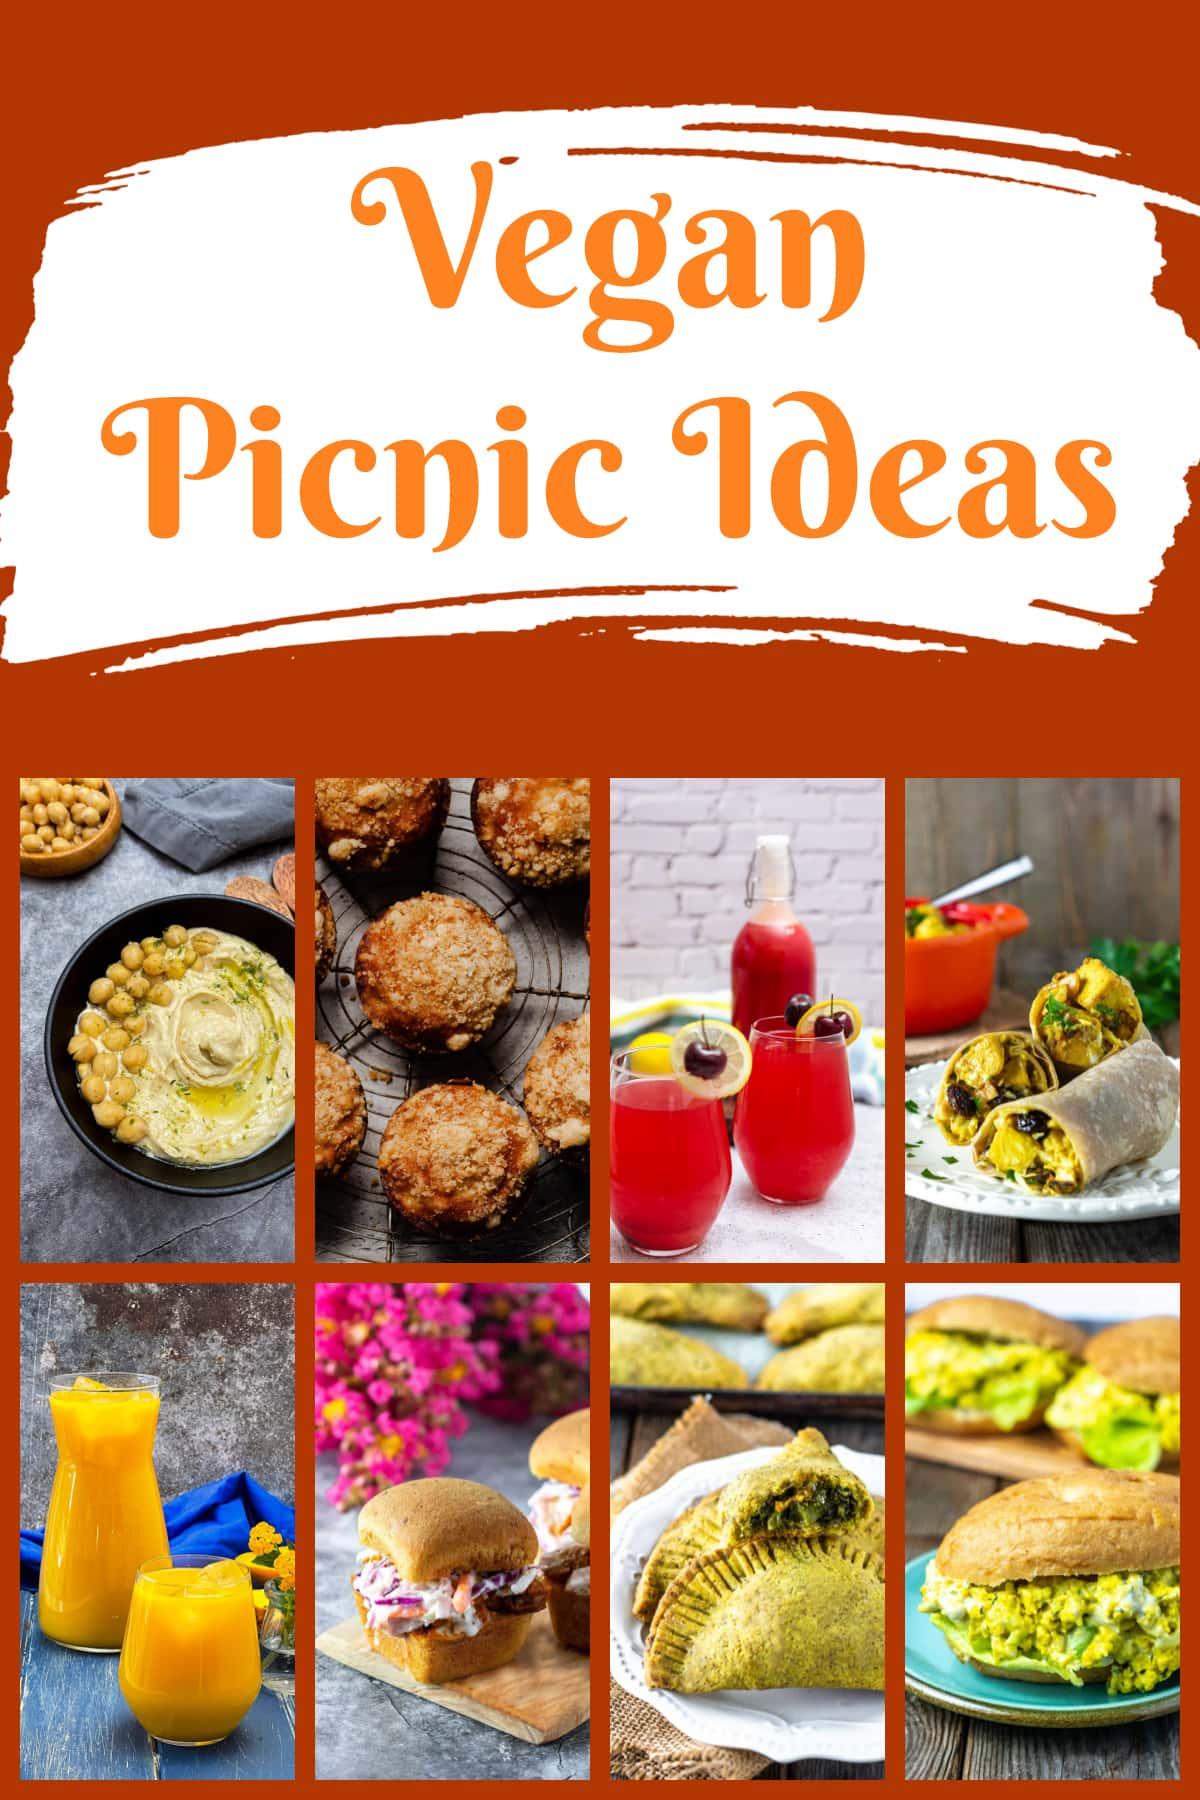 Vegan Picnic Ideas